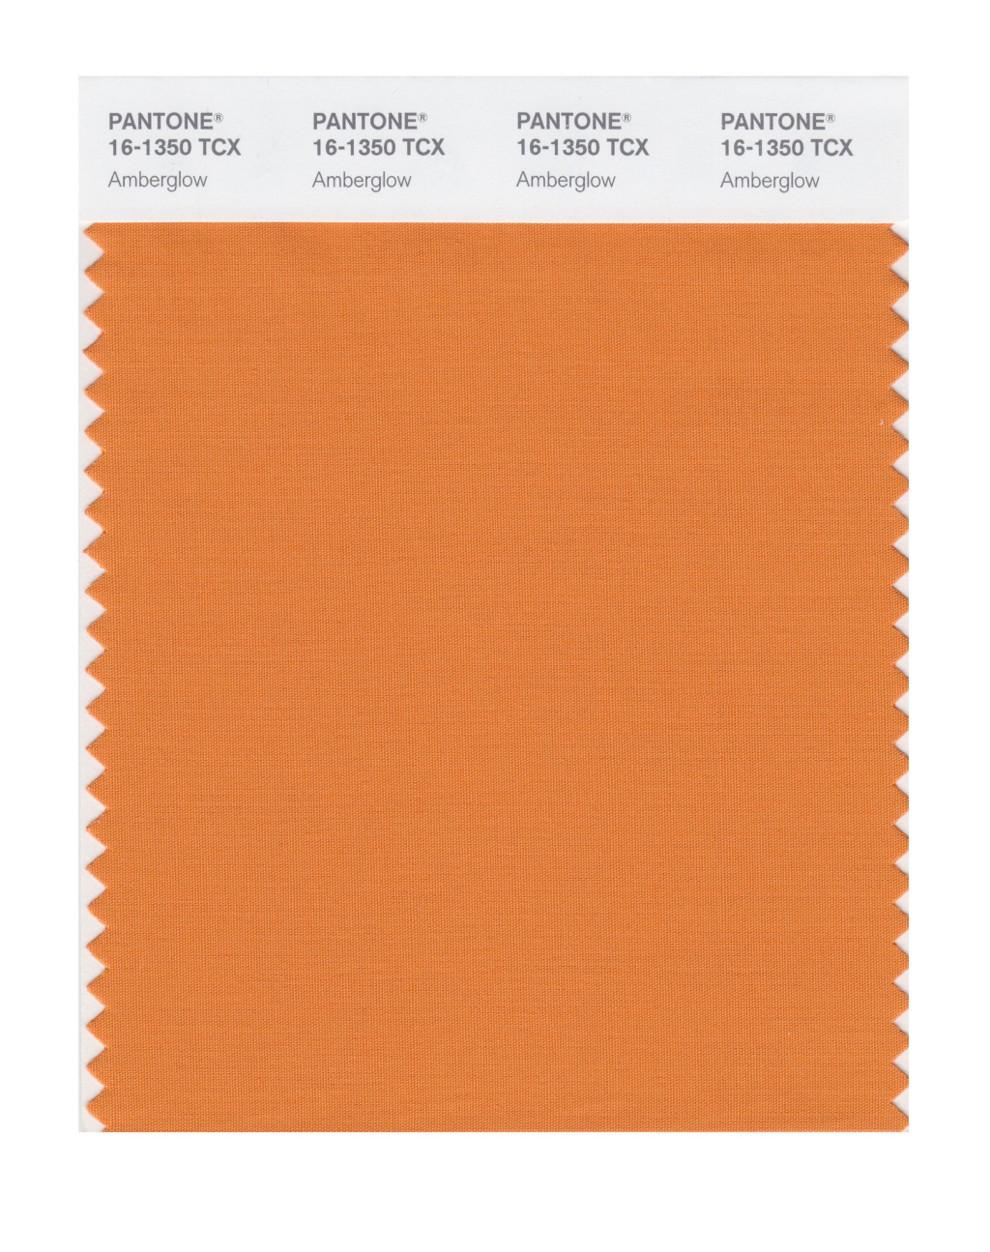 Модные цвета на зиму 2020/2021: персиковая нуга и оранжевый янтарь